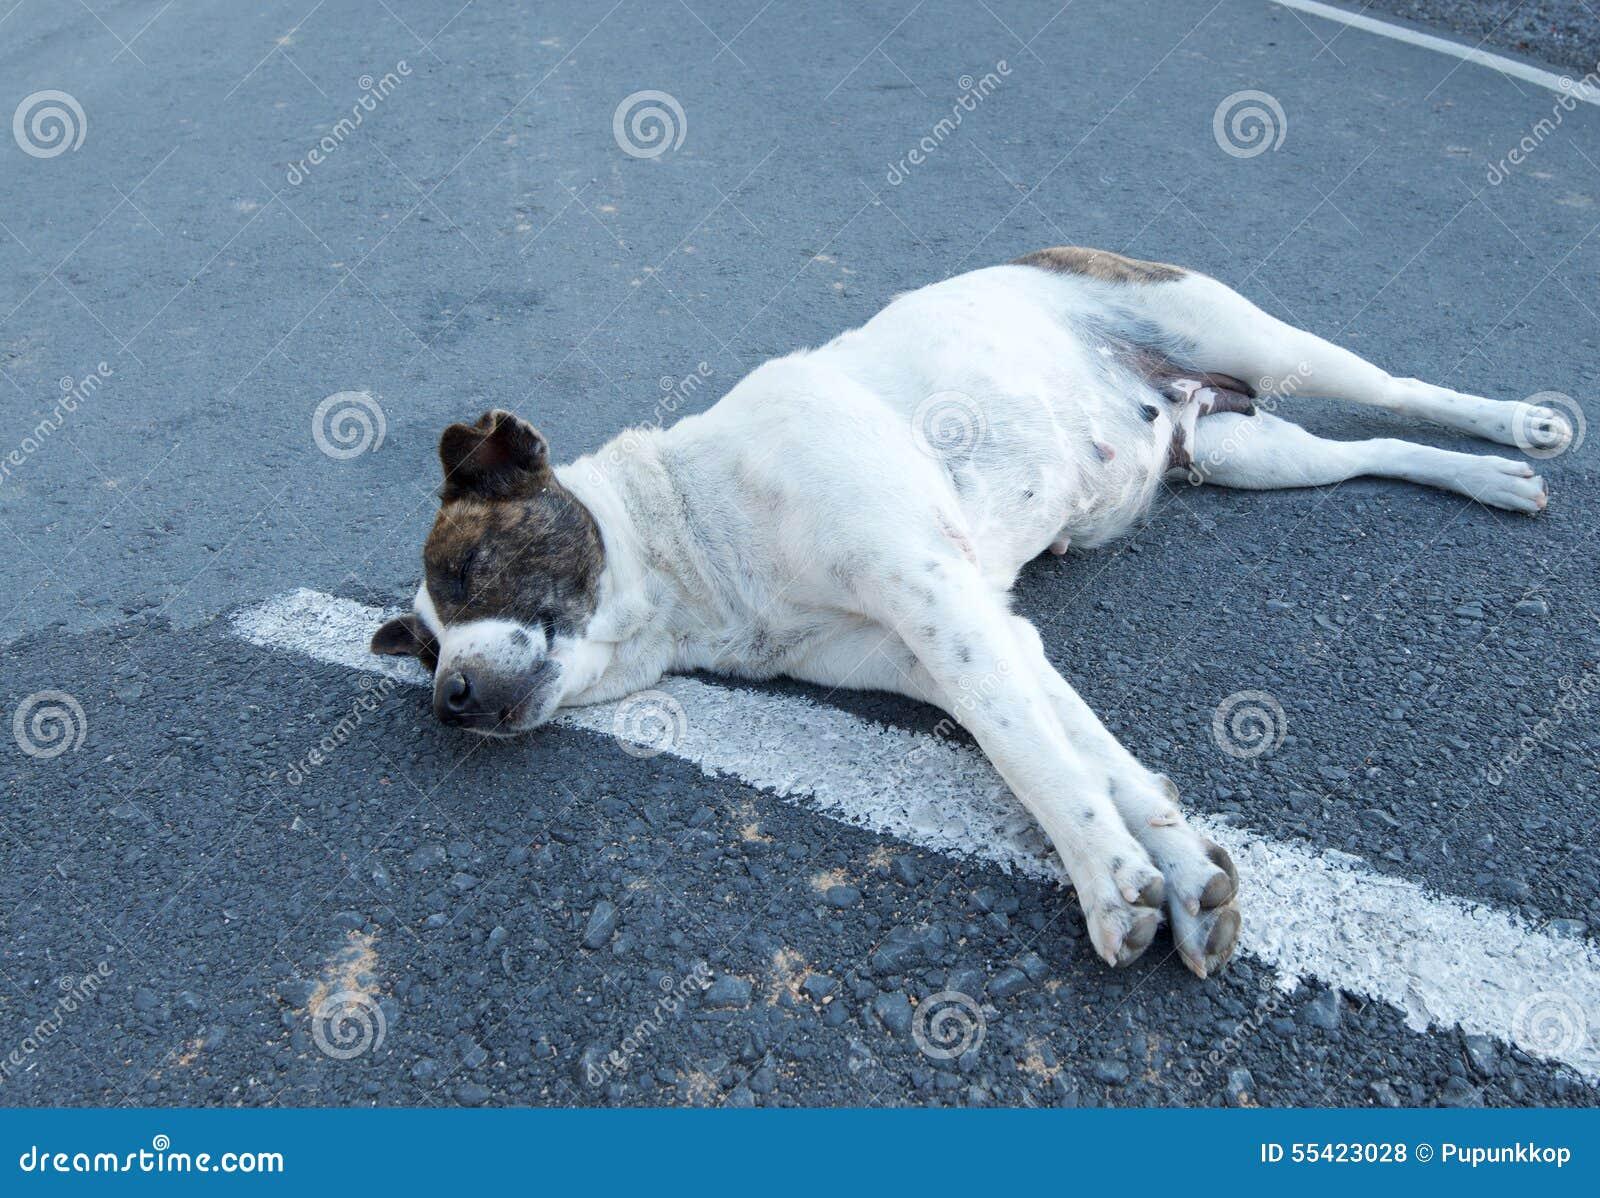 dog photo road - photo #46